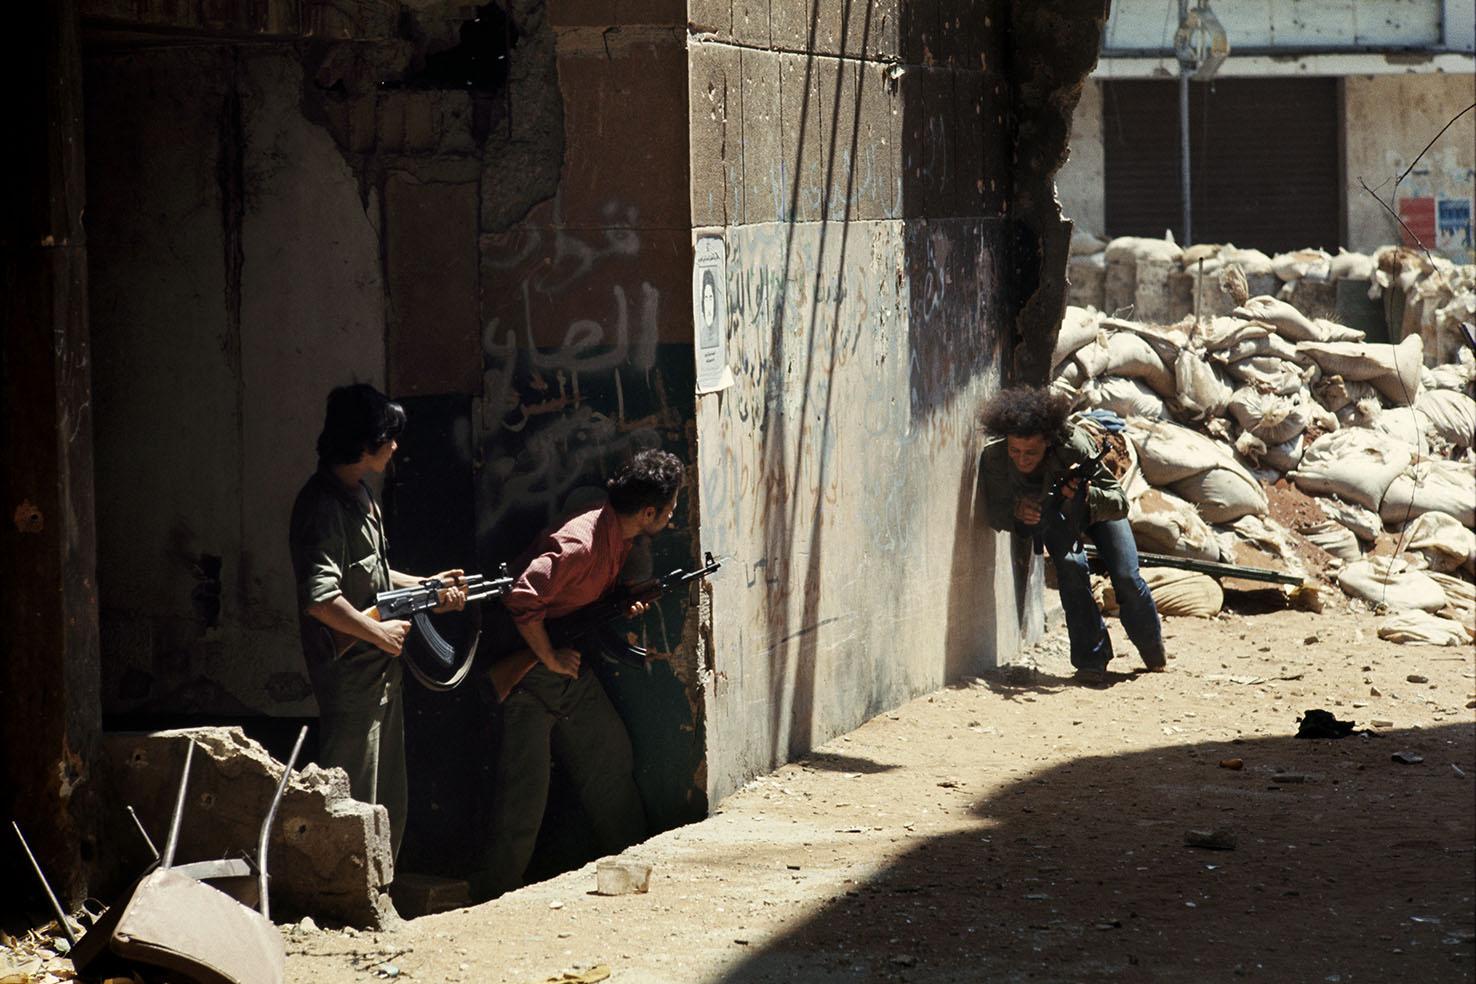 Mauro Galligani - Beirut, Libano, 1978. Un fedayn in azione nel quartiere di Chia. La guerra civile è scoppiata nel 1974. Due anni dopo, l'intervento della Siria. Da allora l'OLP ha perso 4.500 dei 14.000 uomini di cui disponeva all'inizio del conflitto.